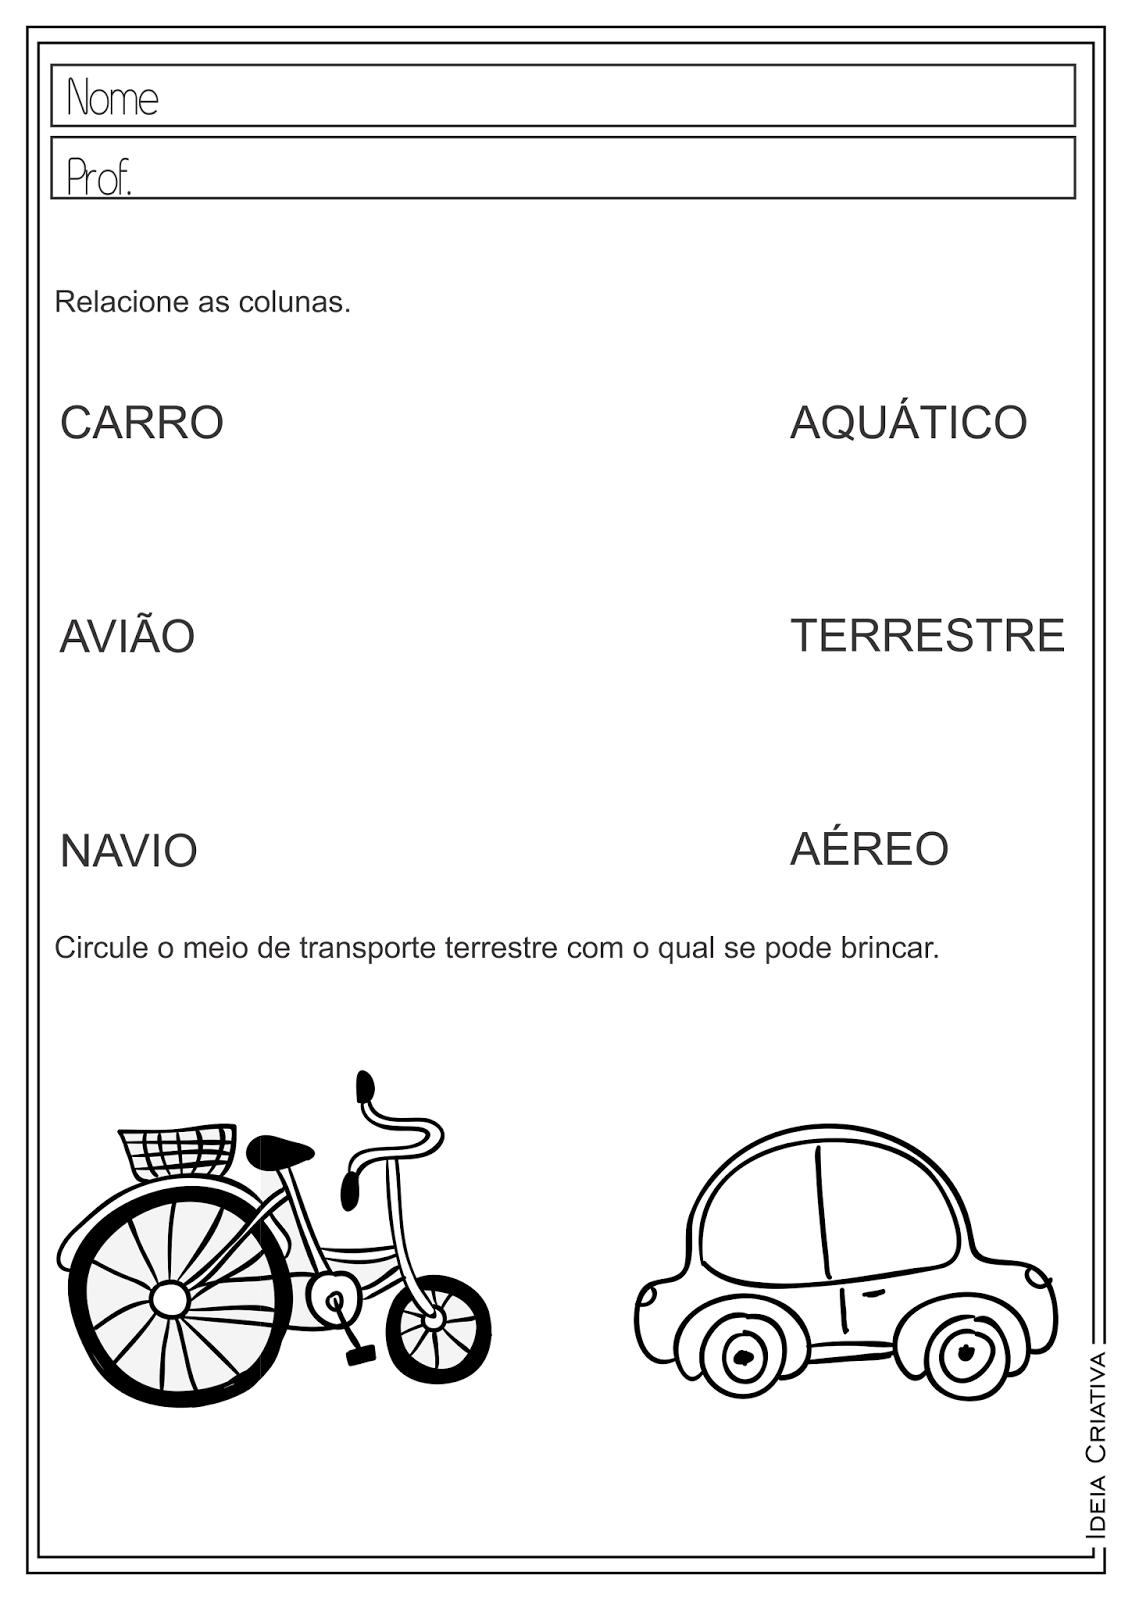 Atividades Educativas Meios de Transportes (Terrestres, Aquáticos e Aéreos) para Ensino Fundamental